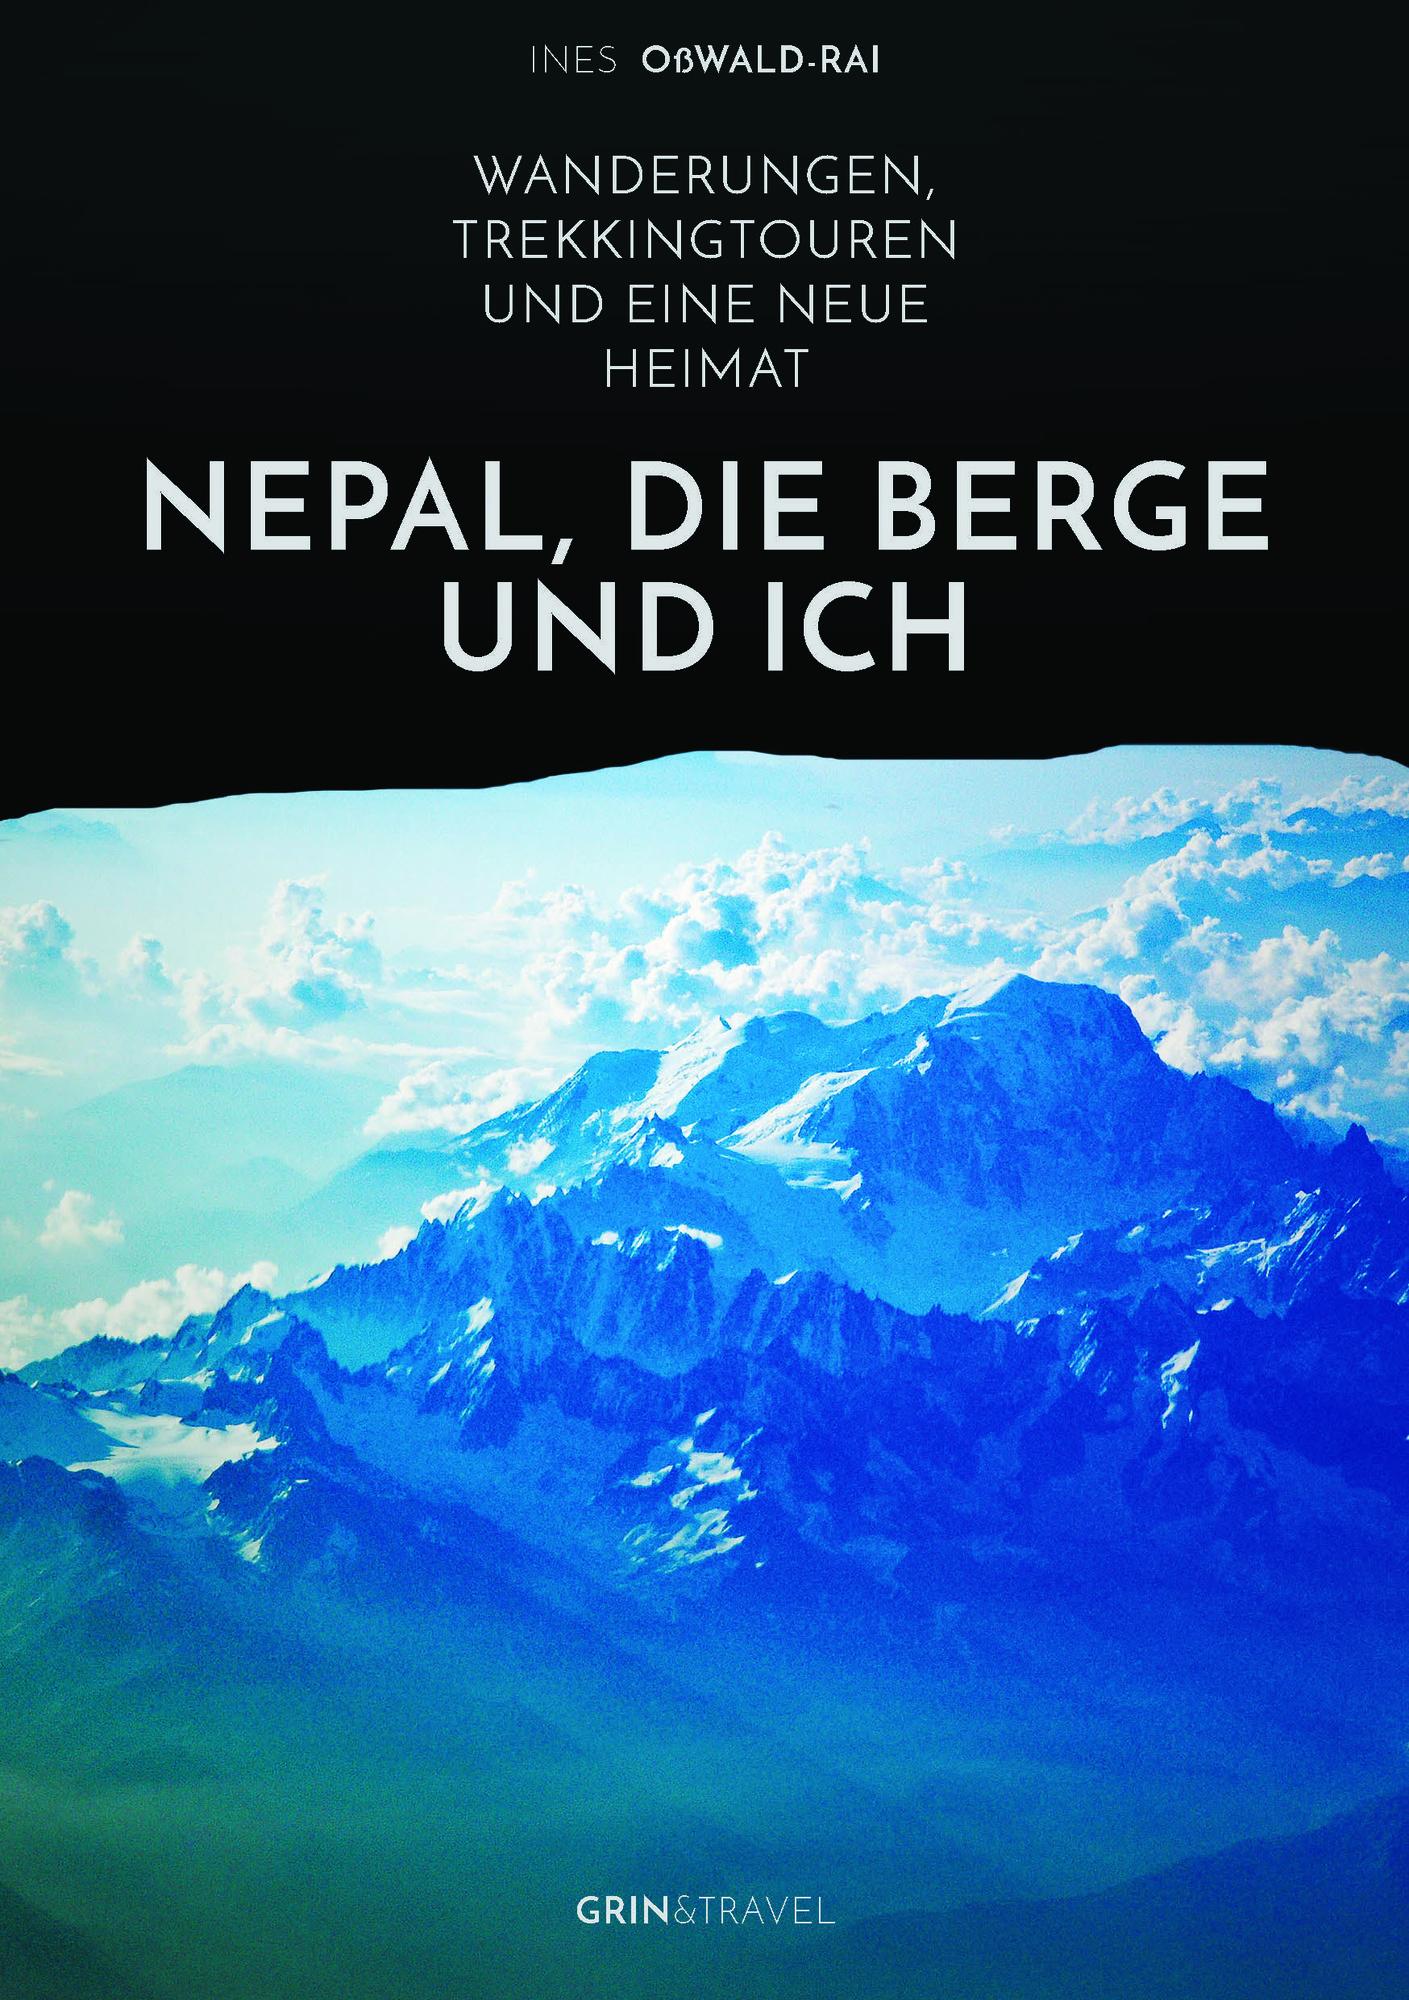 Titel: Nepal, die Berge und ich. Wanderungen, Trekkingtouren und eine neue Heimat